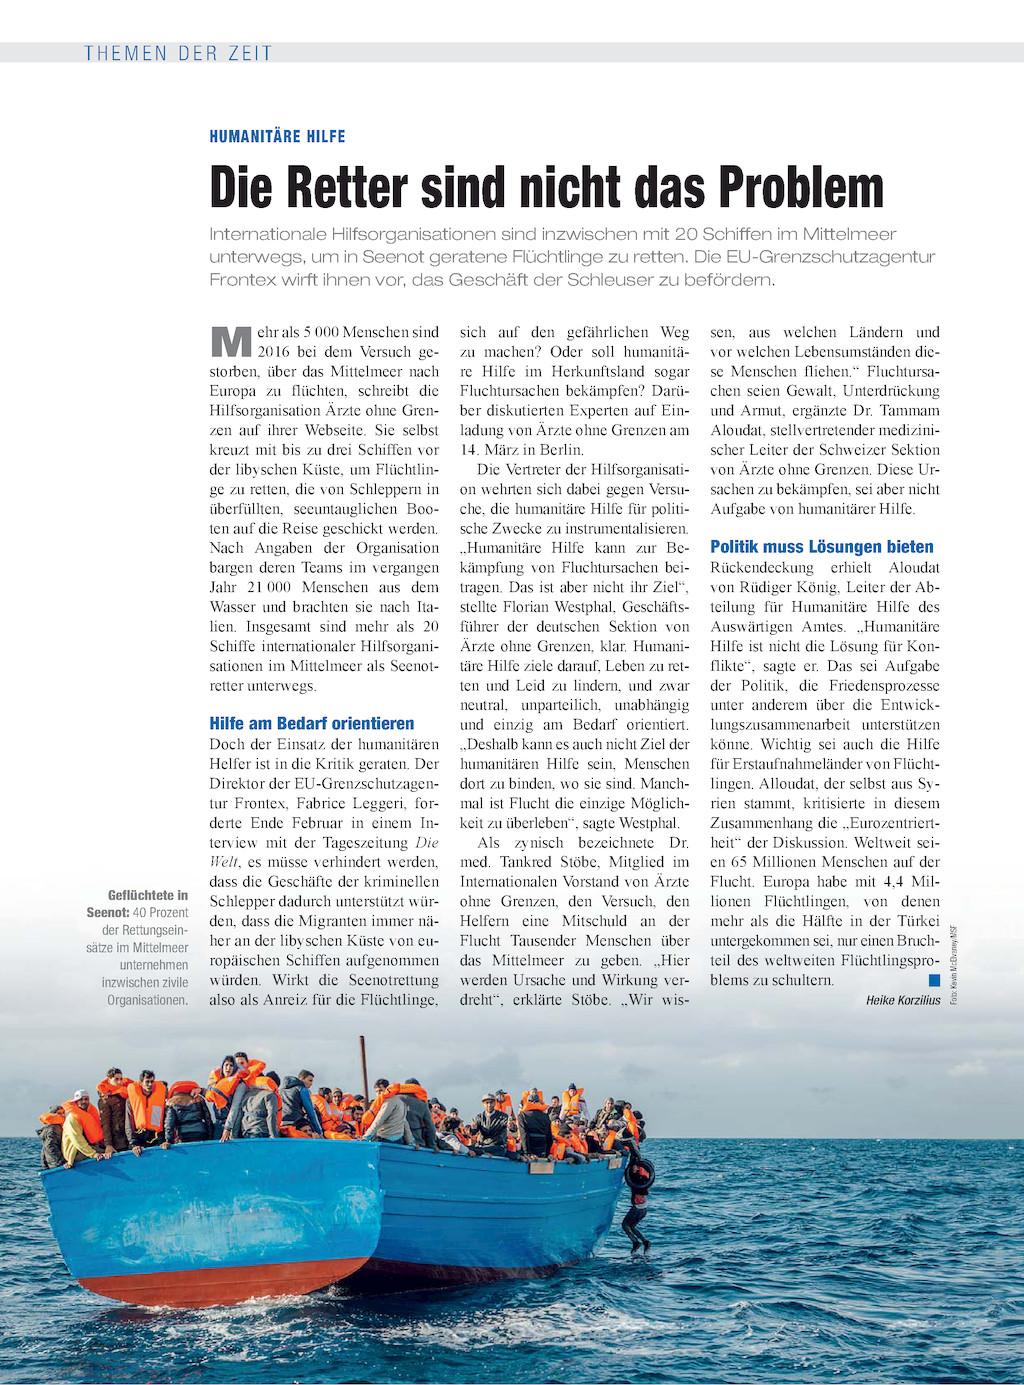 book Leistungserhöhung durch Assistenz in interaktiven Systemen zur Szenenanalyse German